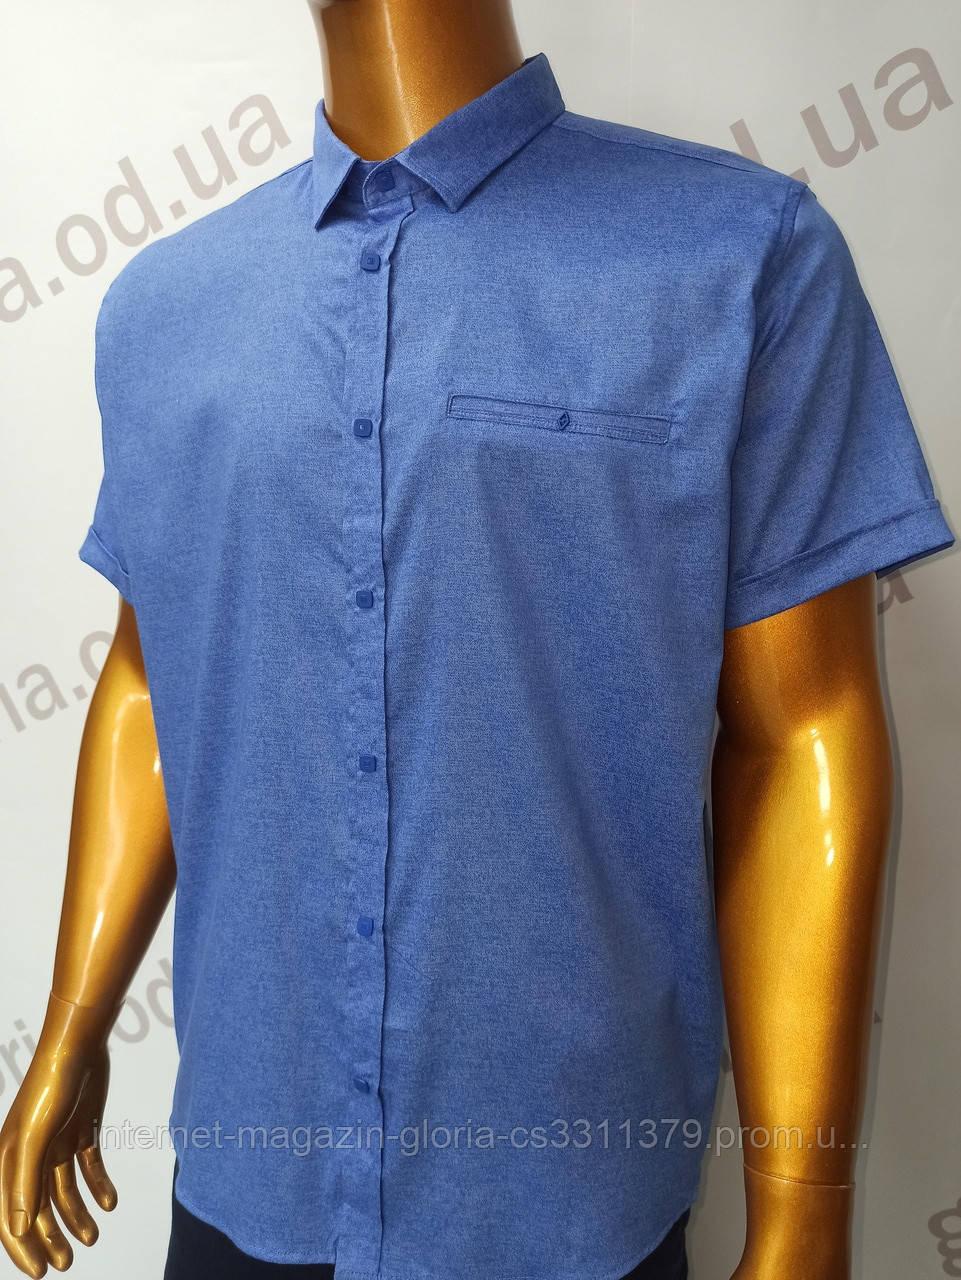 Мужская рубашка Amato. AG. 29397-2(g). Размеры: 2XL,3XL,4XL,5XL.